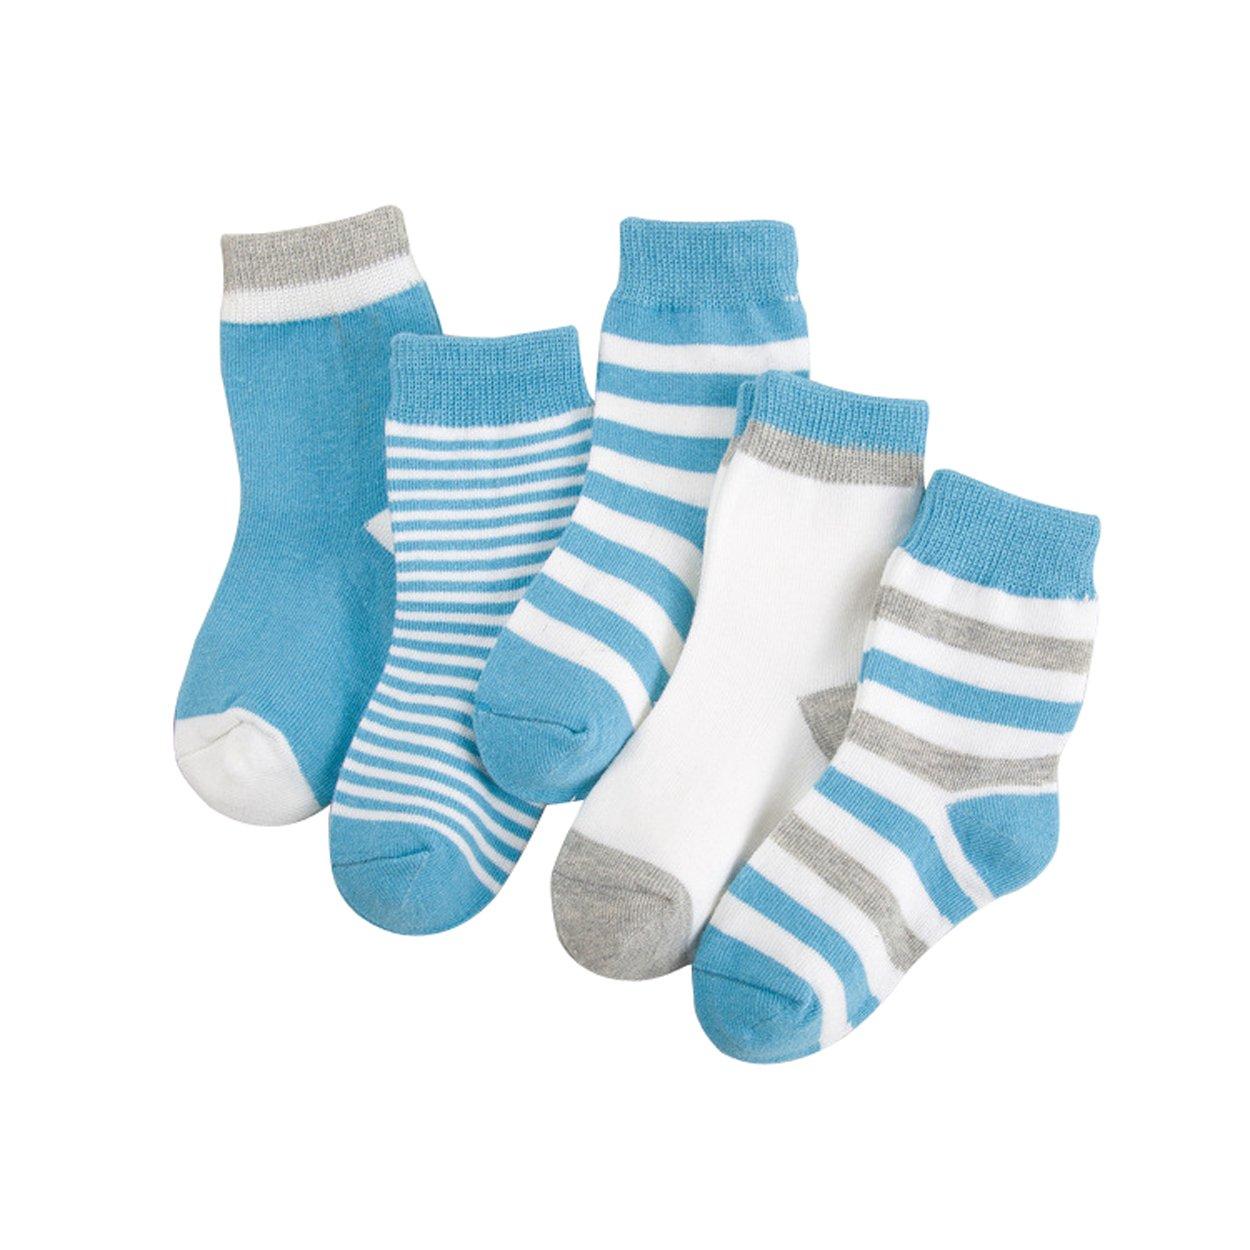 RVESCHZ Boys Socks Cotton Kids Basic Stripe Crew Socks 5 Pair Pack